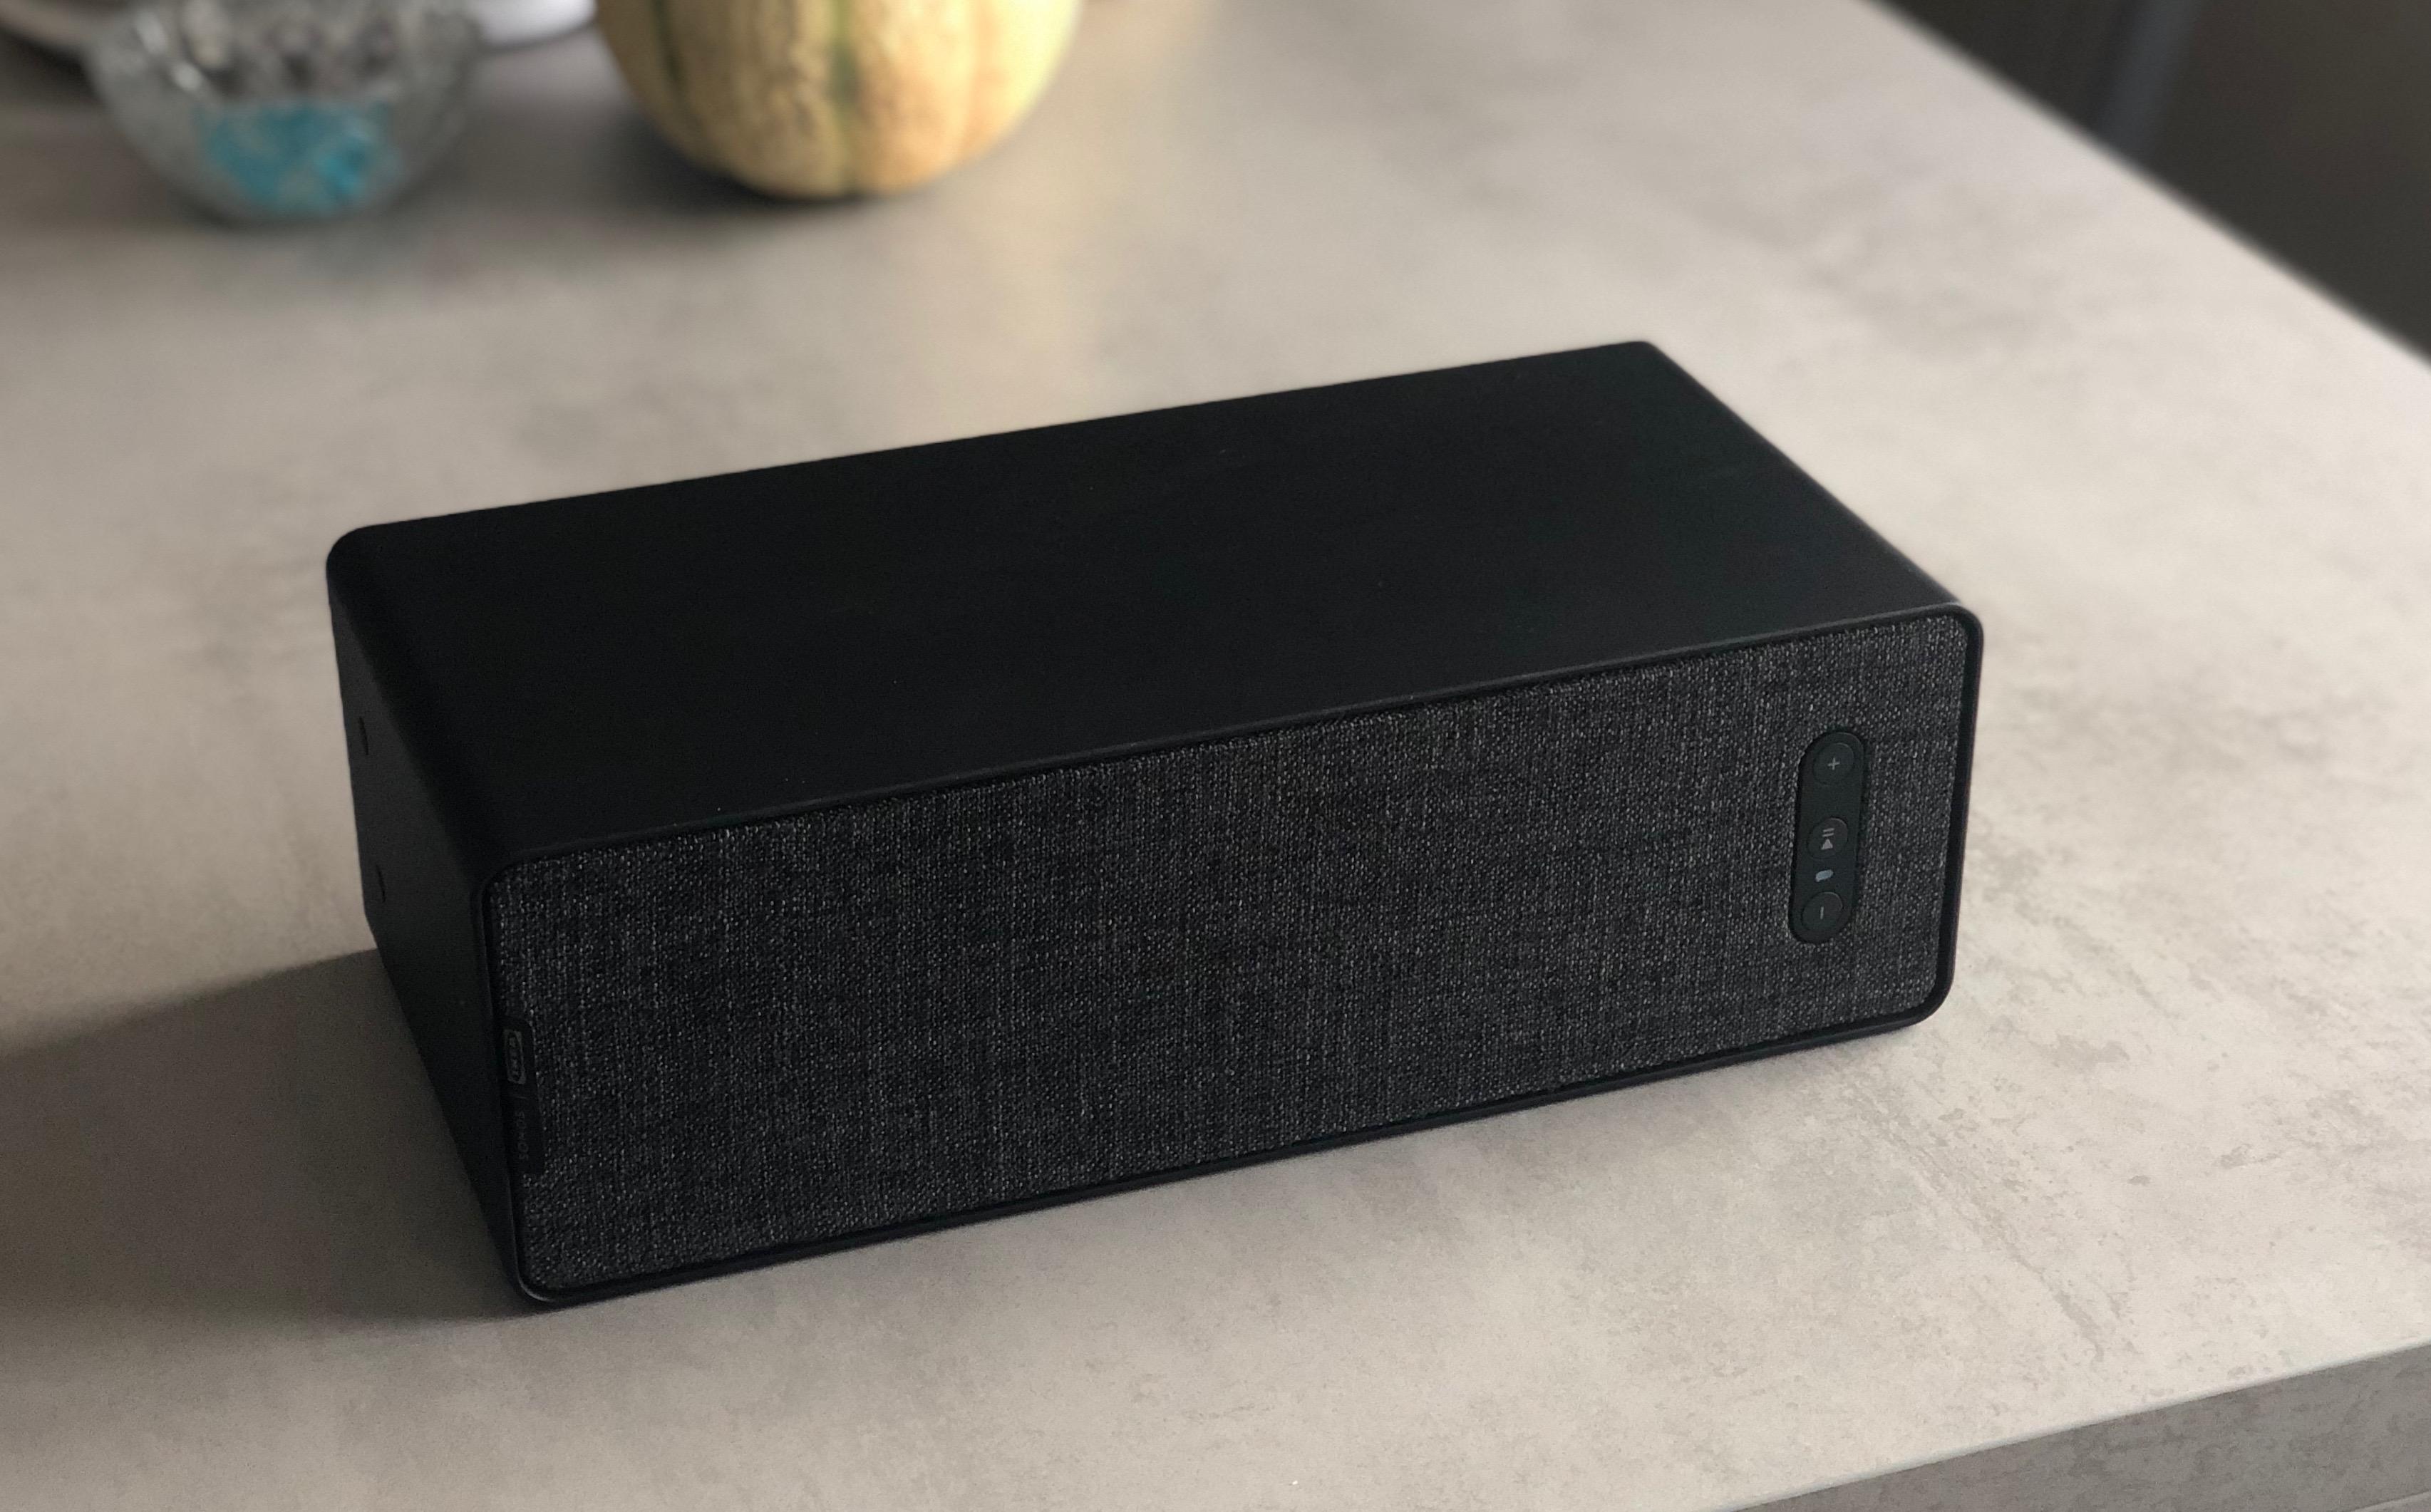 Test Des Enceintes Ikea X Sonos Une Belle Idée Modestement